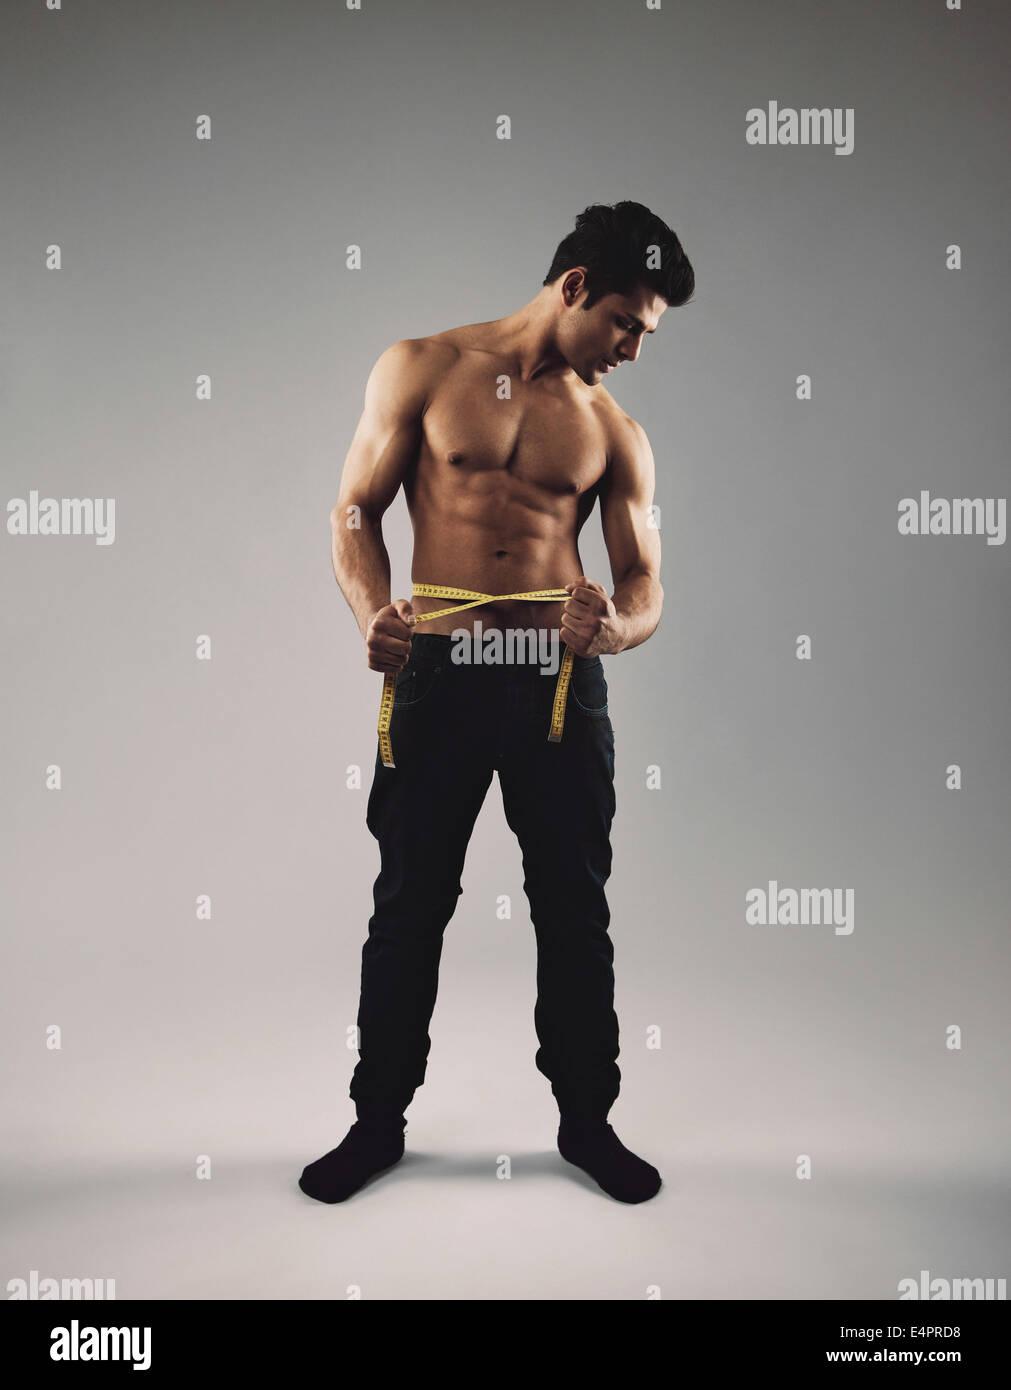 Longueur totale de l'ajustement de l'image jeune homme avec ruban à mesurer autour de la taille de Photo Stock